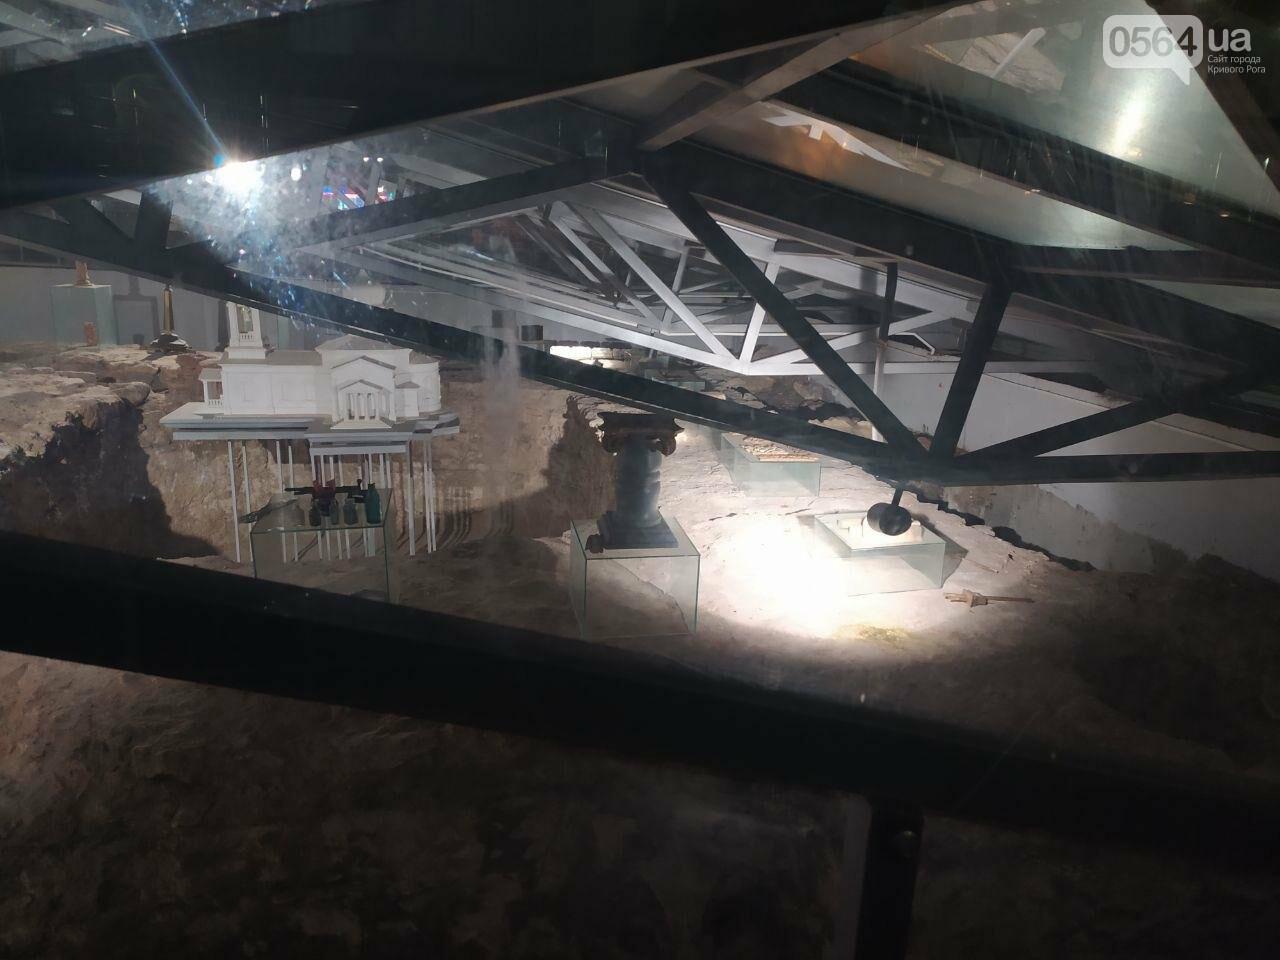 Информация о краже из музейной экспозиции в Кривом Роге в полицию не поступала. Правоохранители начали проверку, - ФОТО, фото-8